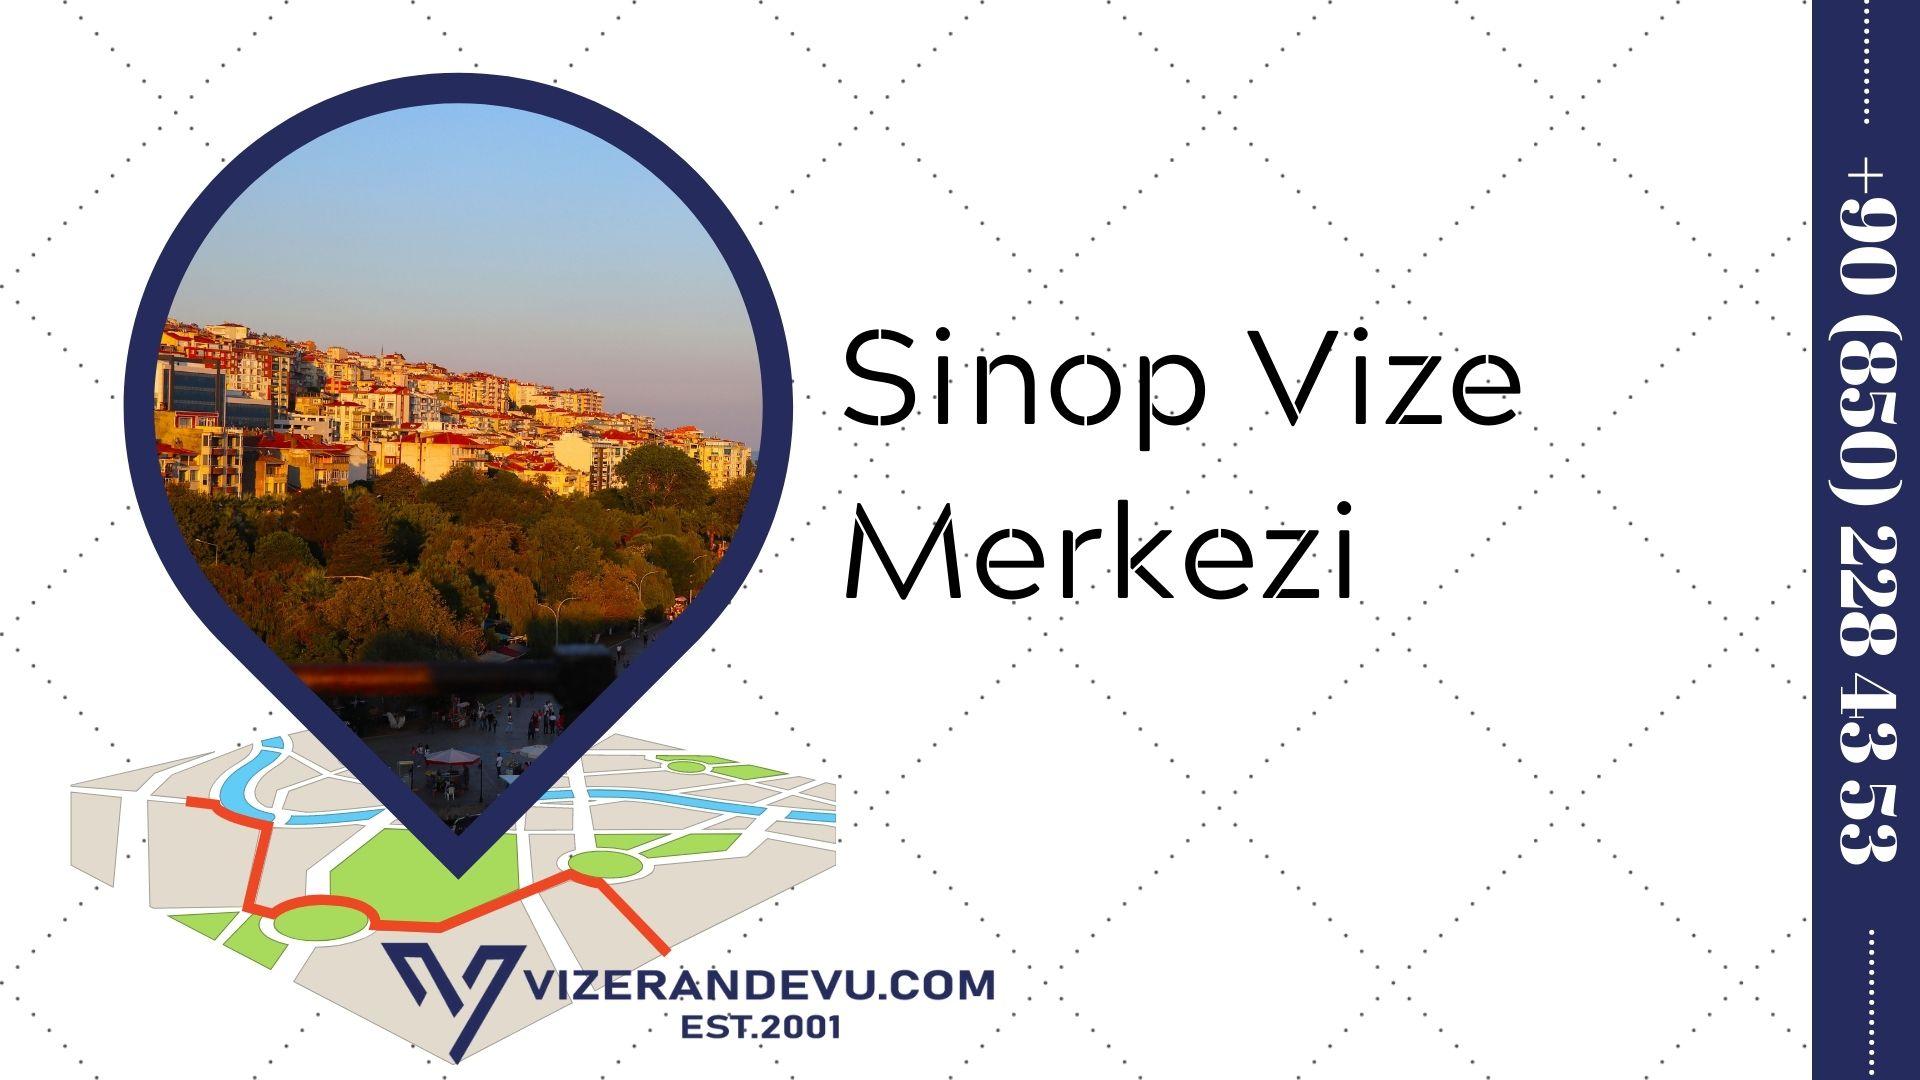 Sinop Vize Merkezi